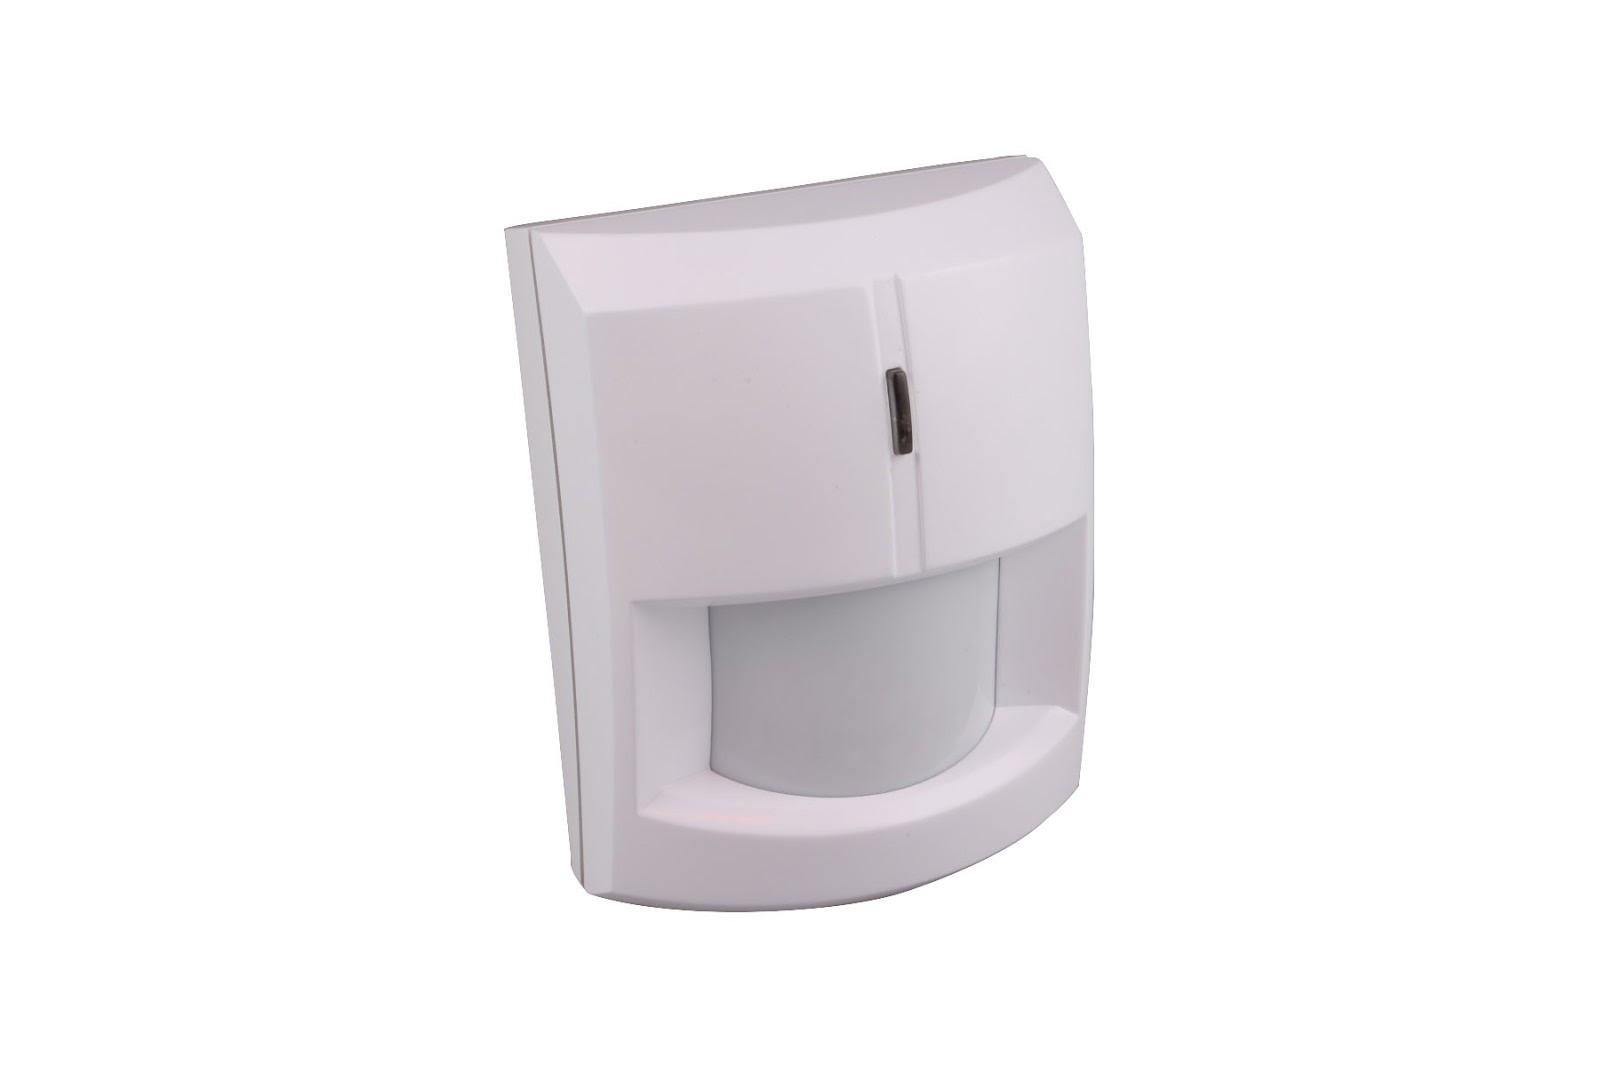 Detektor pohybu pro vnitřní použití od společnosti Rex Services a.s.